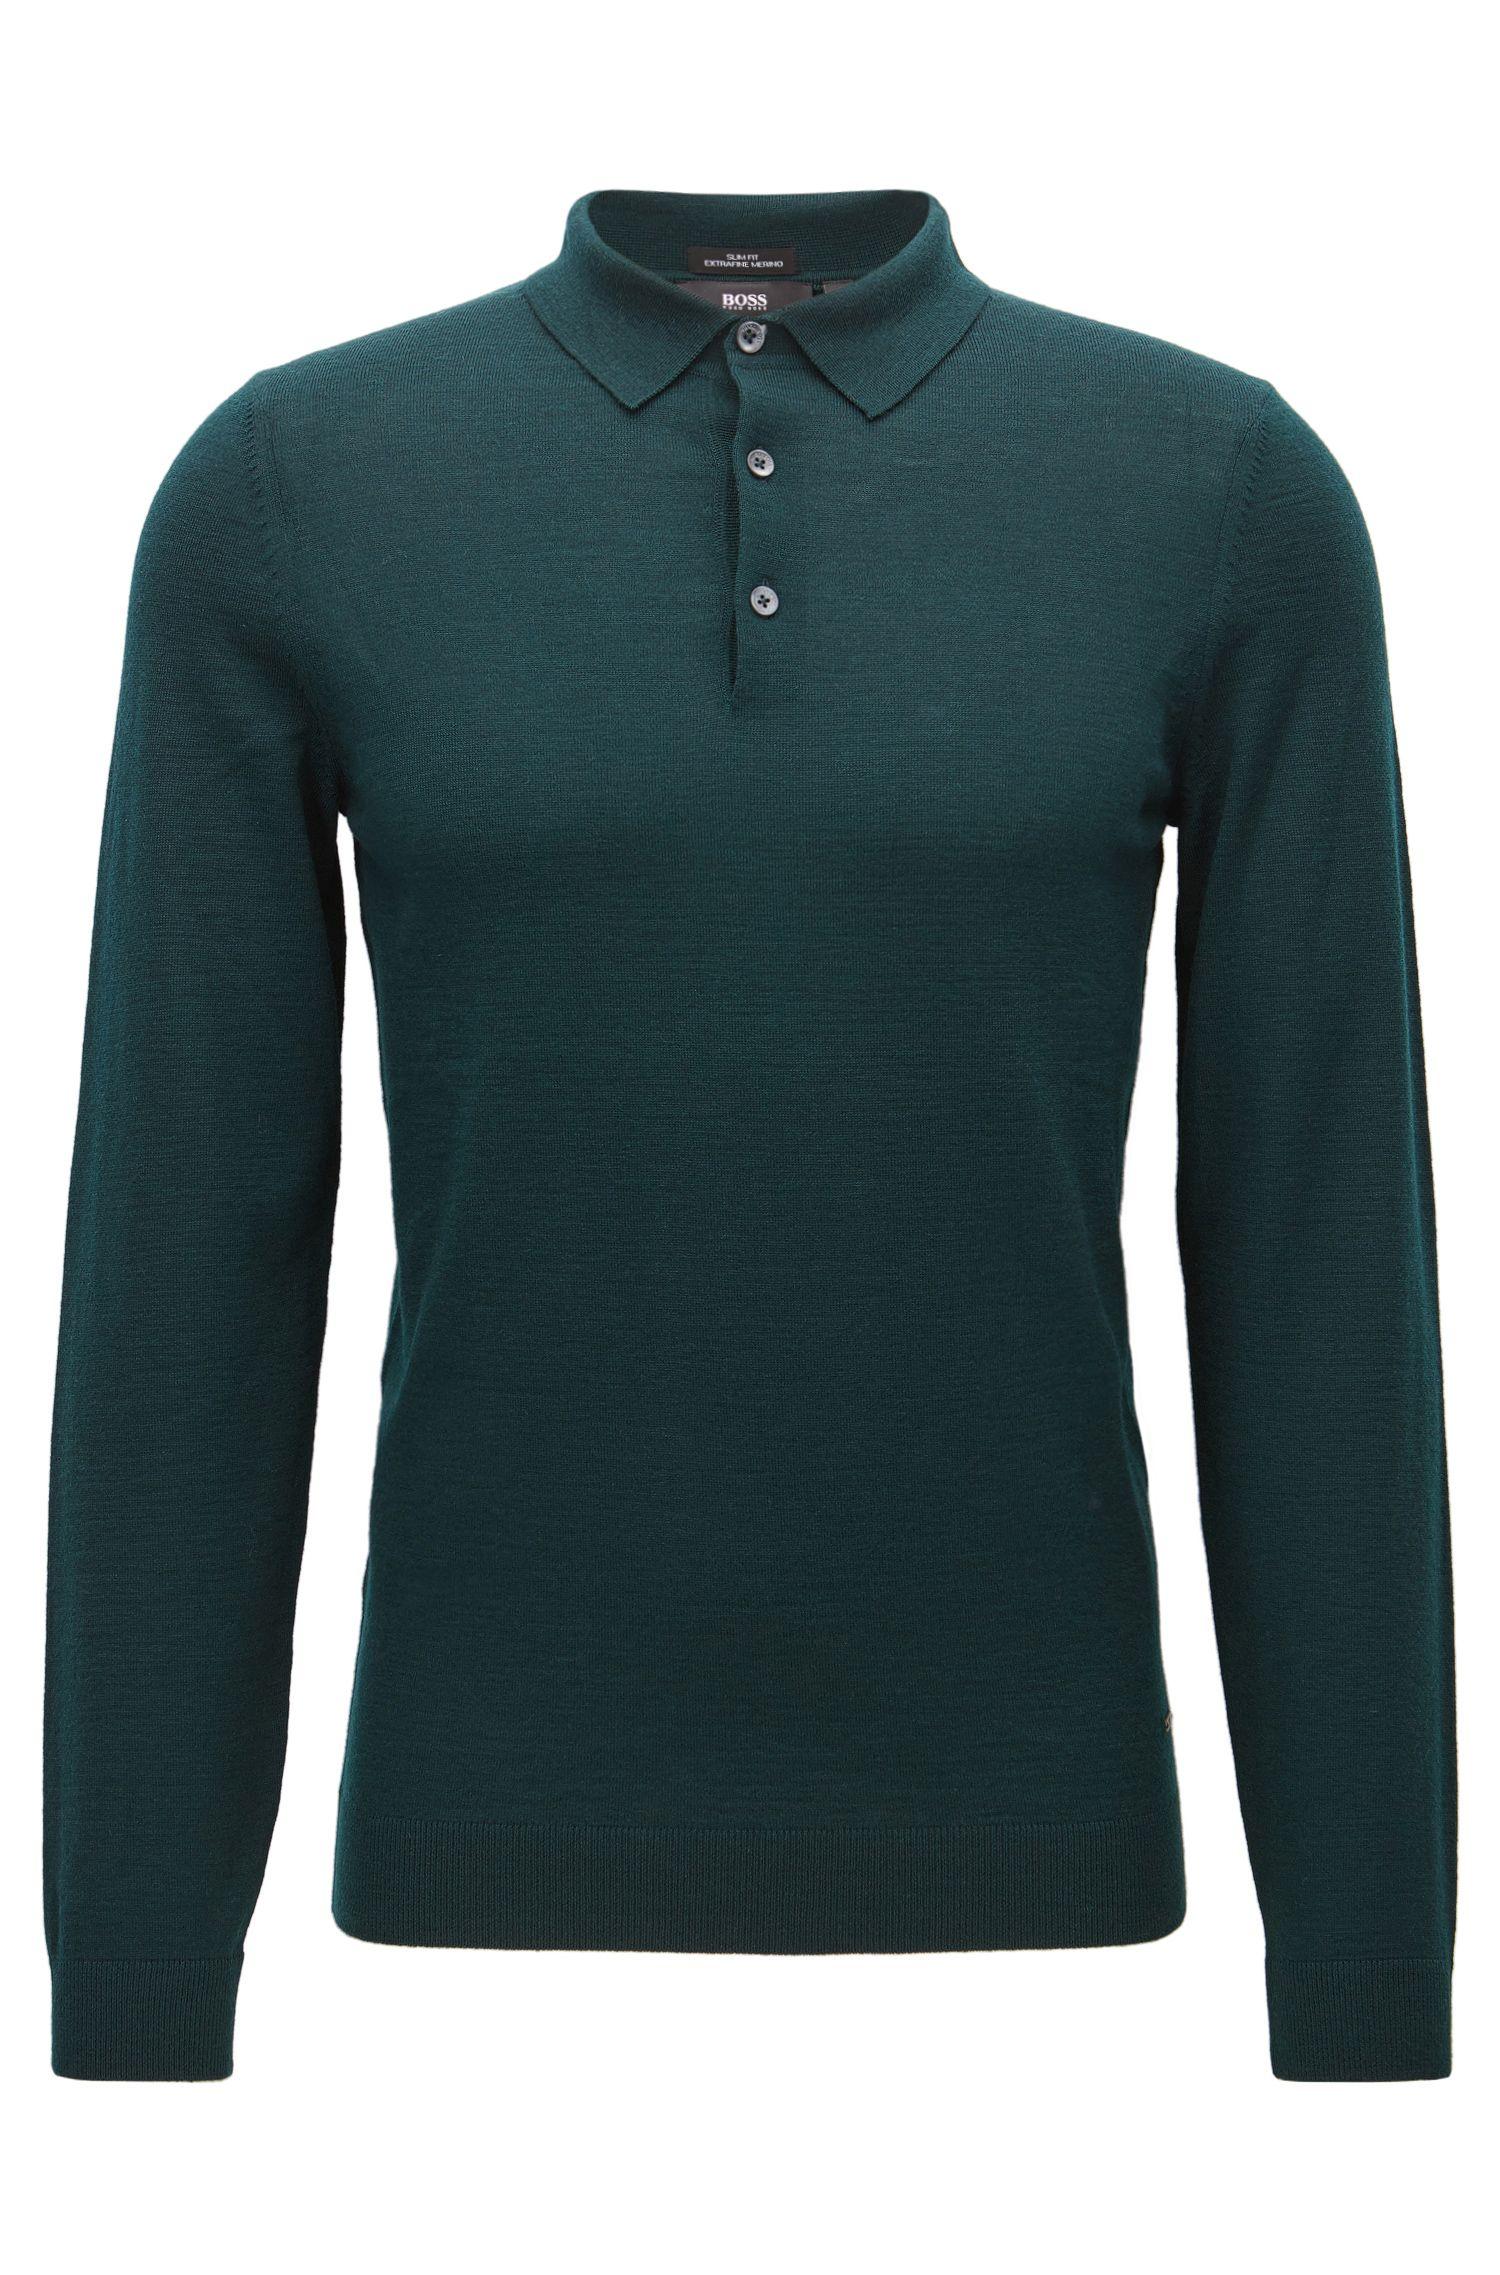 Merino Wool Polo Shirt, Slim Fit | Palasco